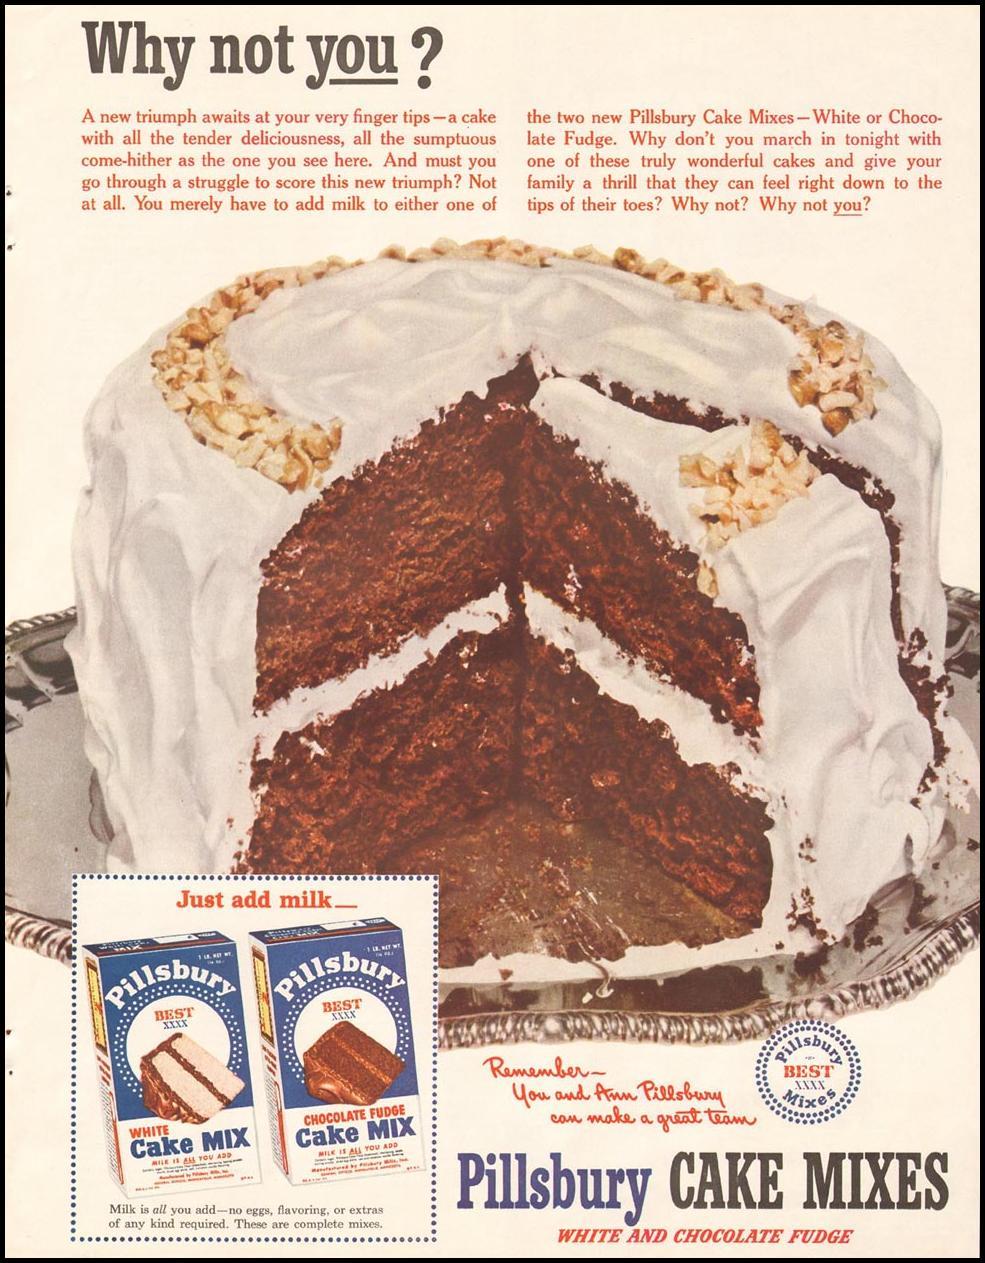 PILLSBURY CAKE MIXES LADIES' HOME JOURNAL 11/01/1950 p. 215